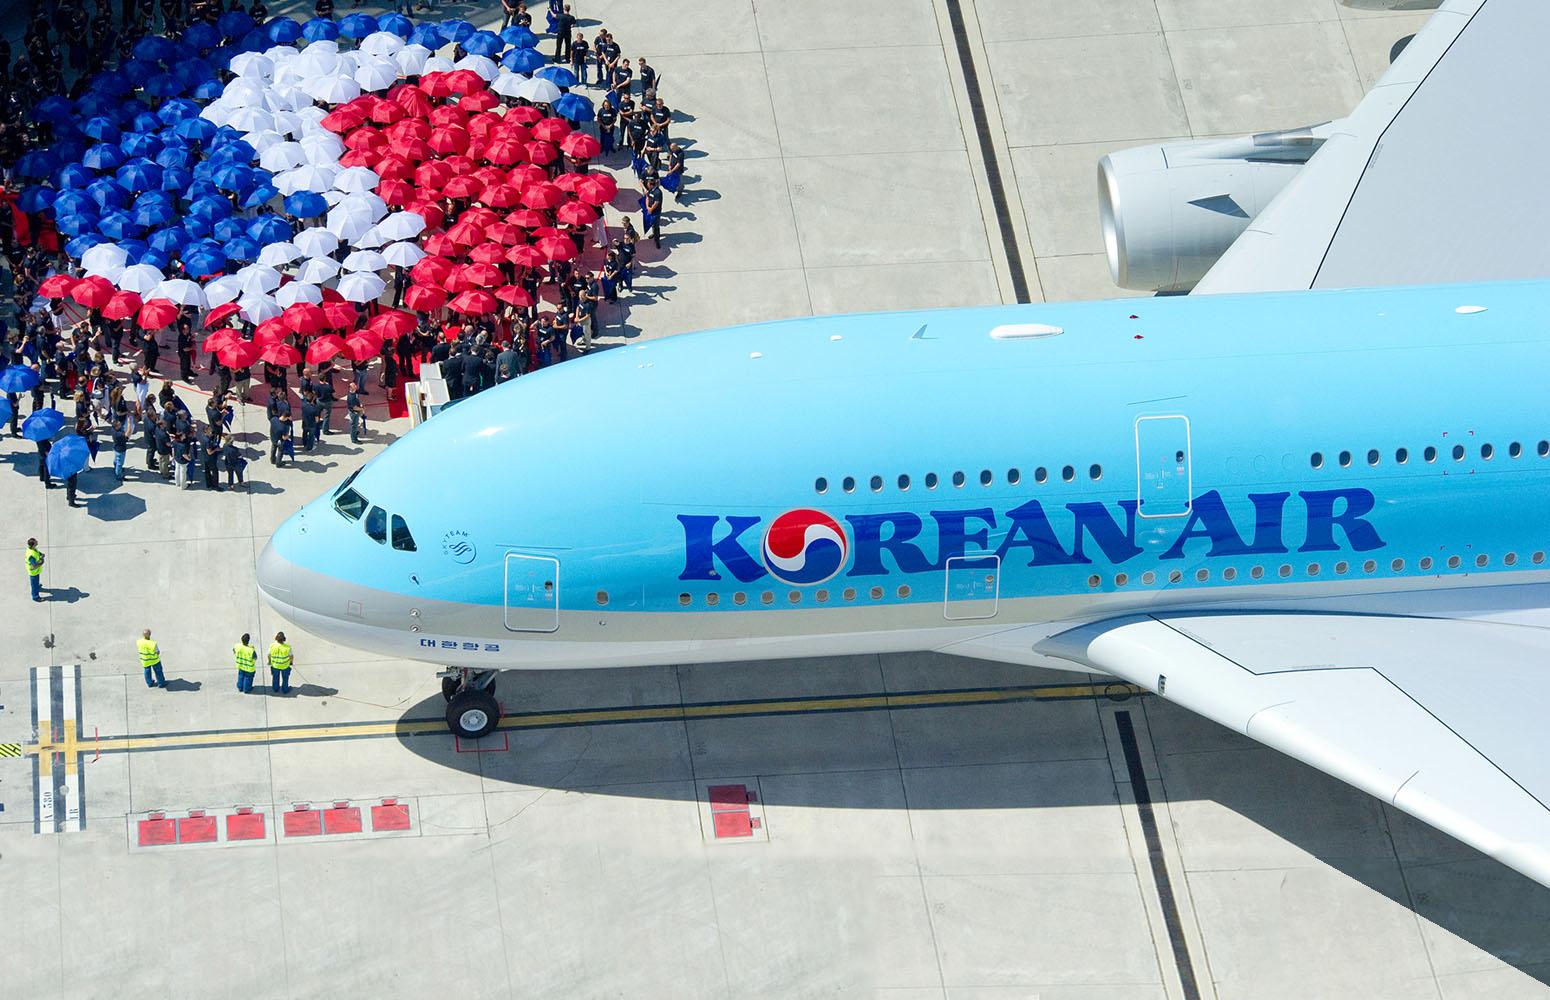 Compagnie avion - Korean Air